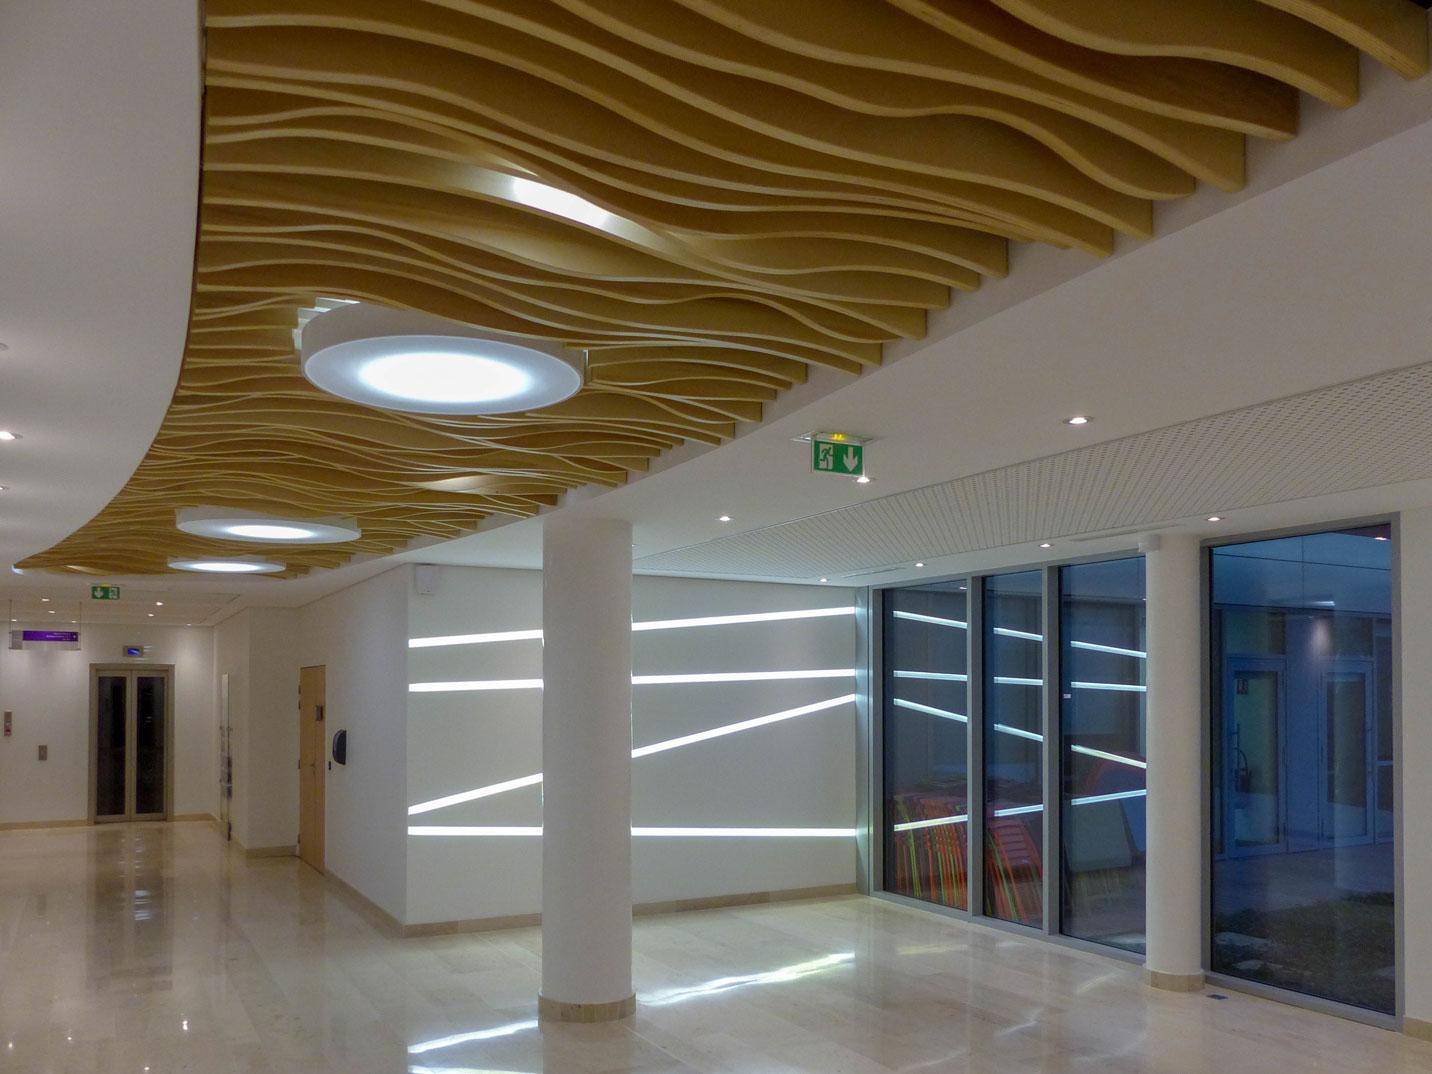 Solaris Plafonds Interieurs Plafonds Bois sur-mesure Accueil Langlois Sobreti Idf